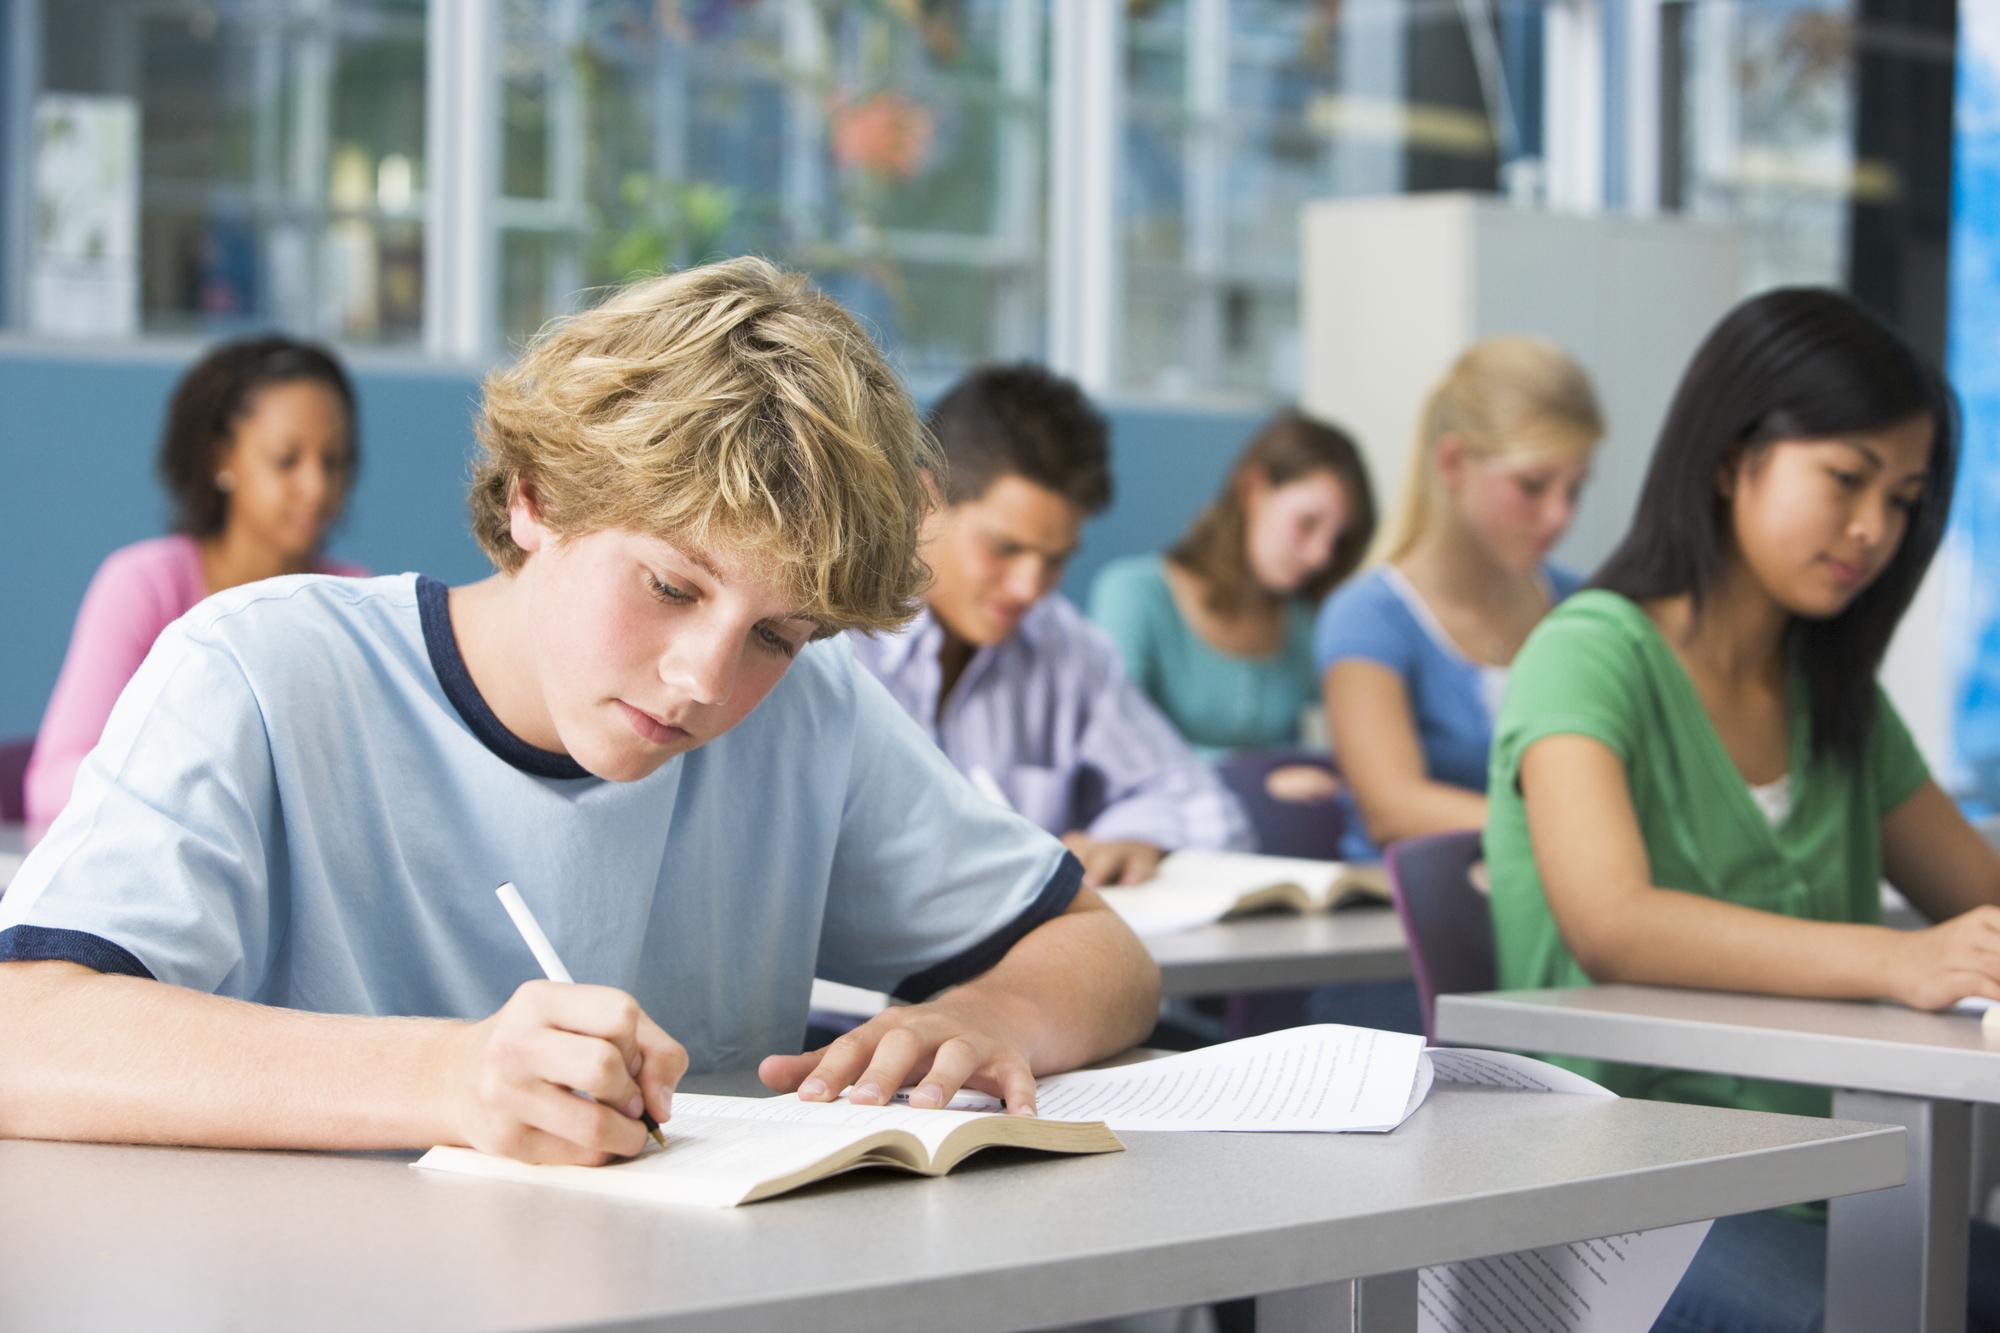 Минпросвещения оптимизирует систему оценивания школьников с нарушением письма и чтения